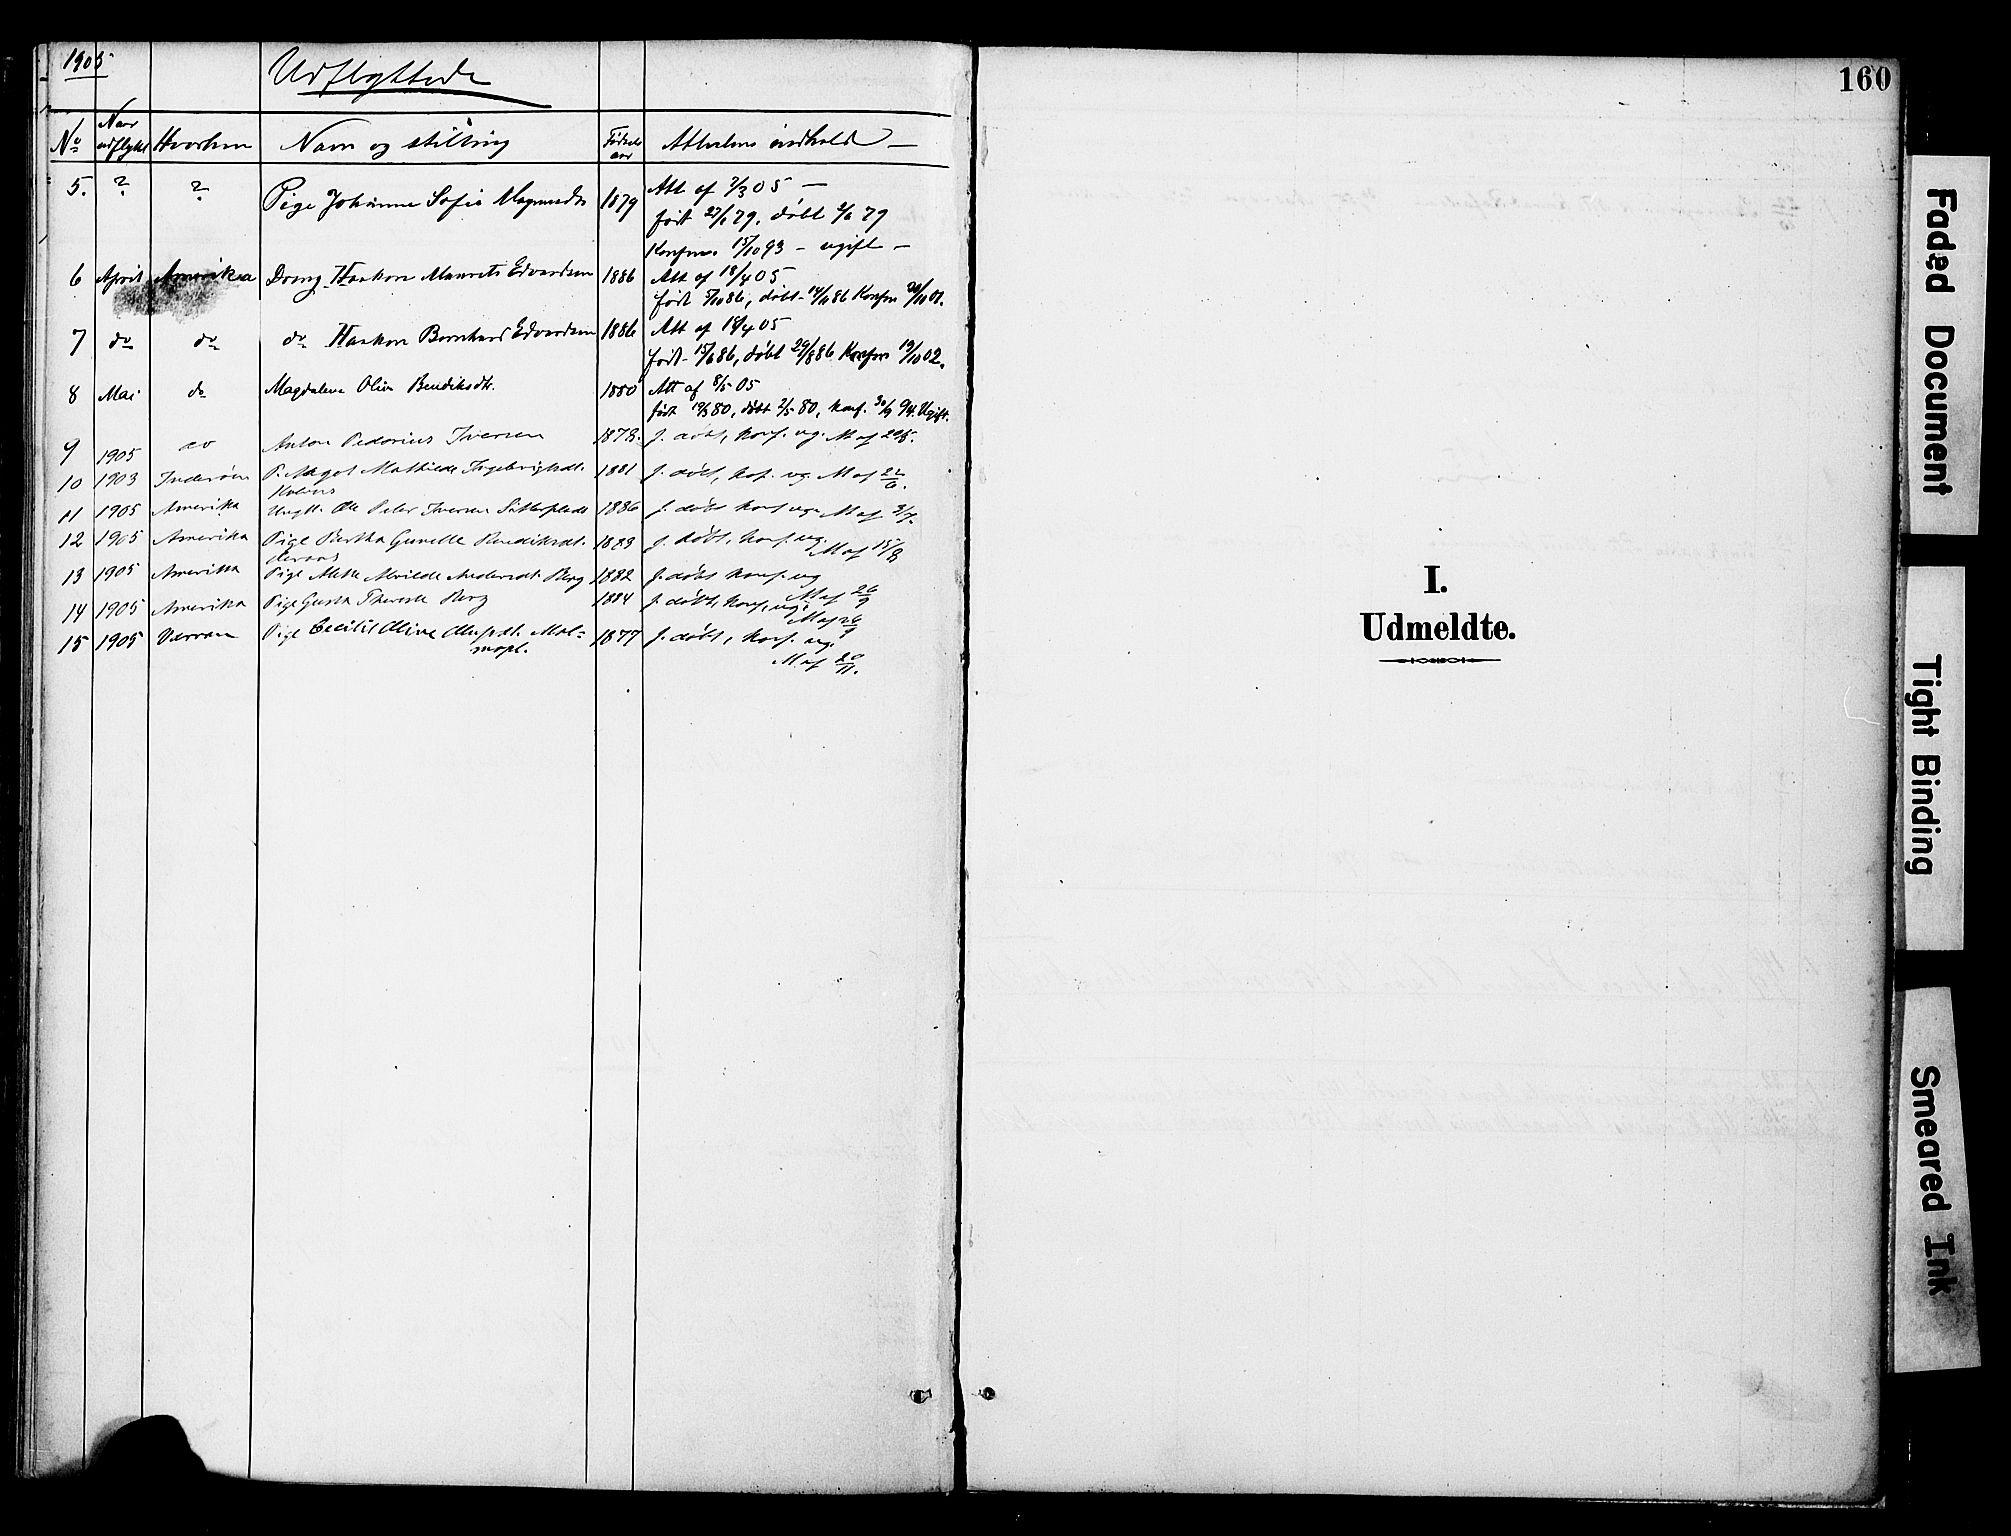 SAT, Ministerialprotokoller, klokkerbøker og fødselsregistre - Nord-Trøndelag, 742/L0409: Ministerialbok nr. 742A02, 1891-1905, s. 160